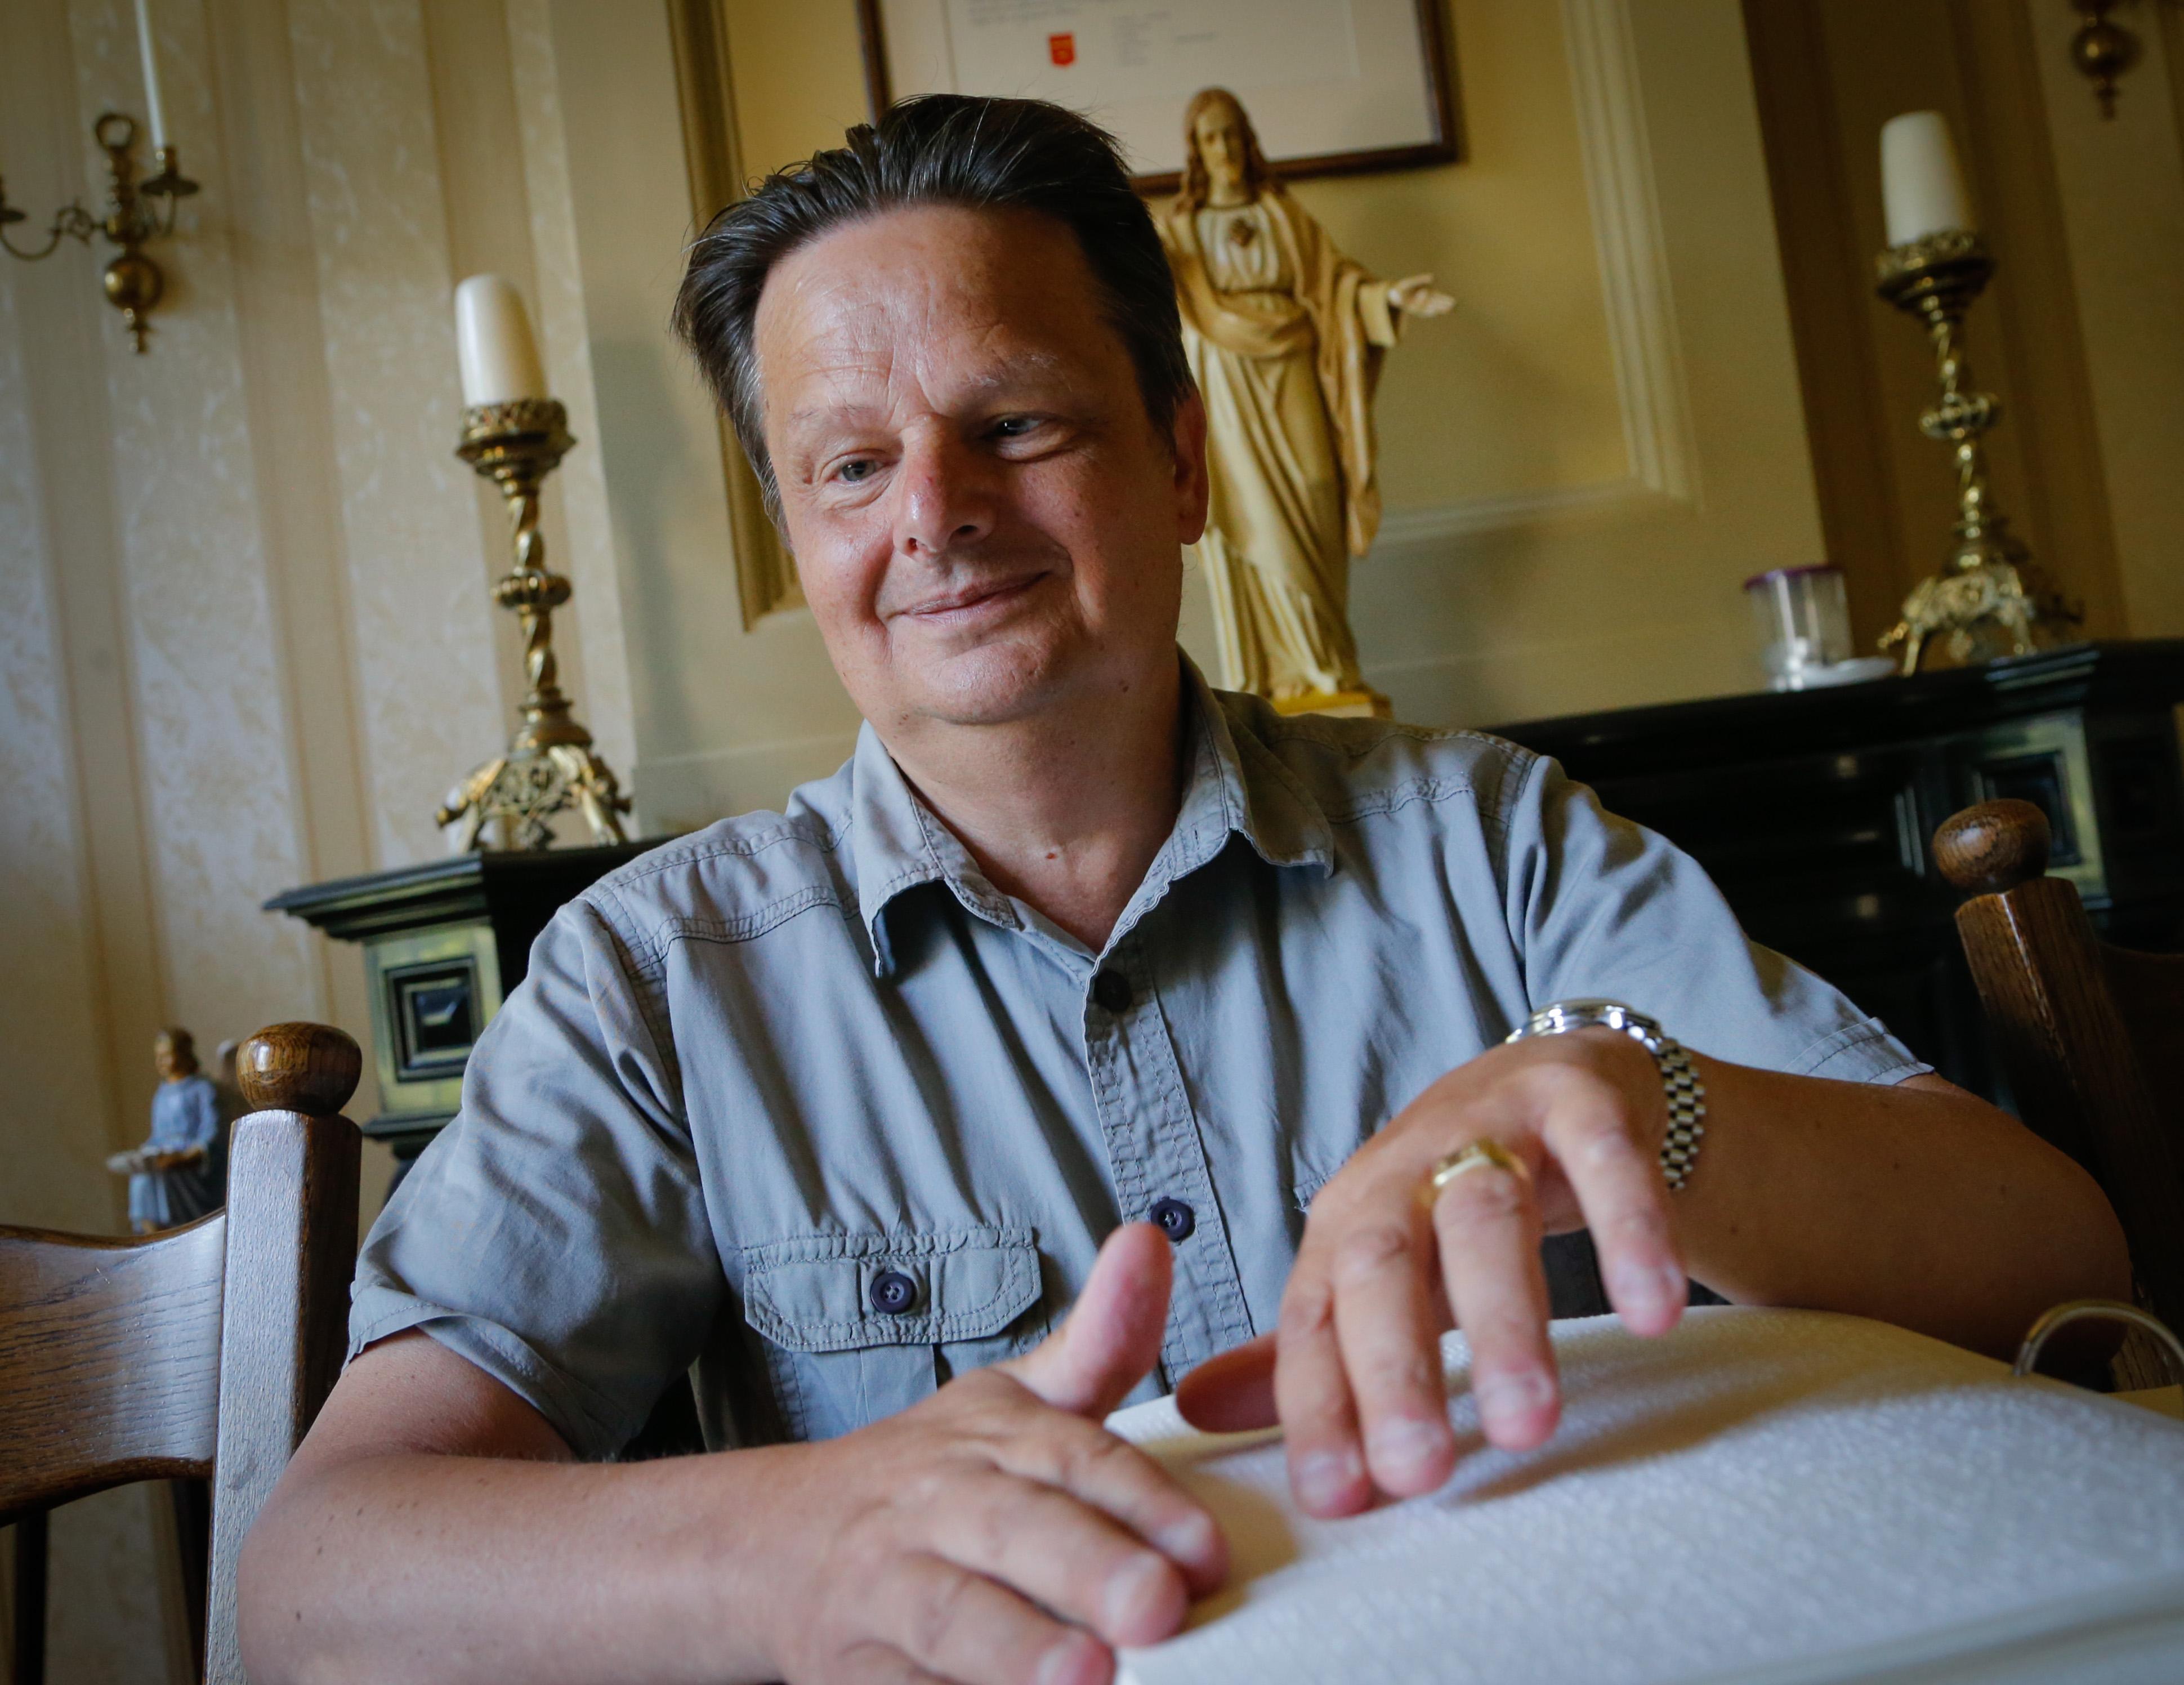 Blinde Bert Glorie uit Obdam wordt op 58ste priester: 'Wie niet ziet, luistert beter'